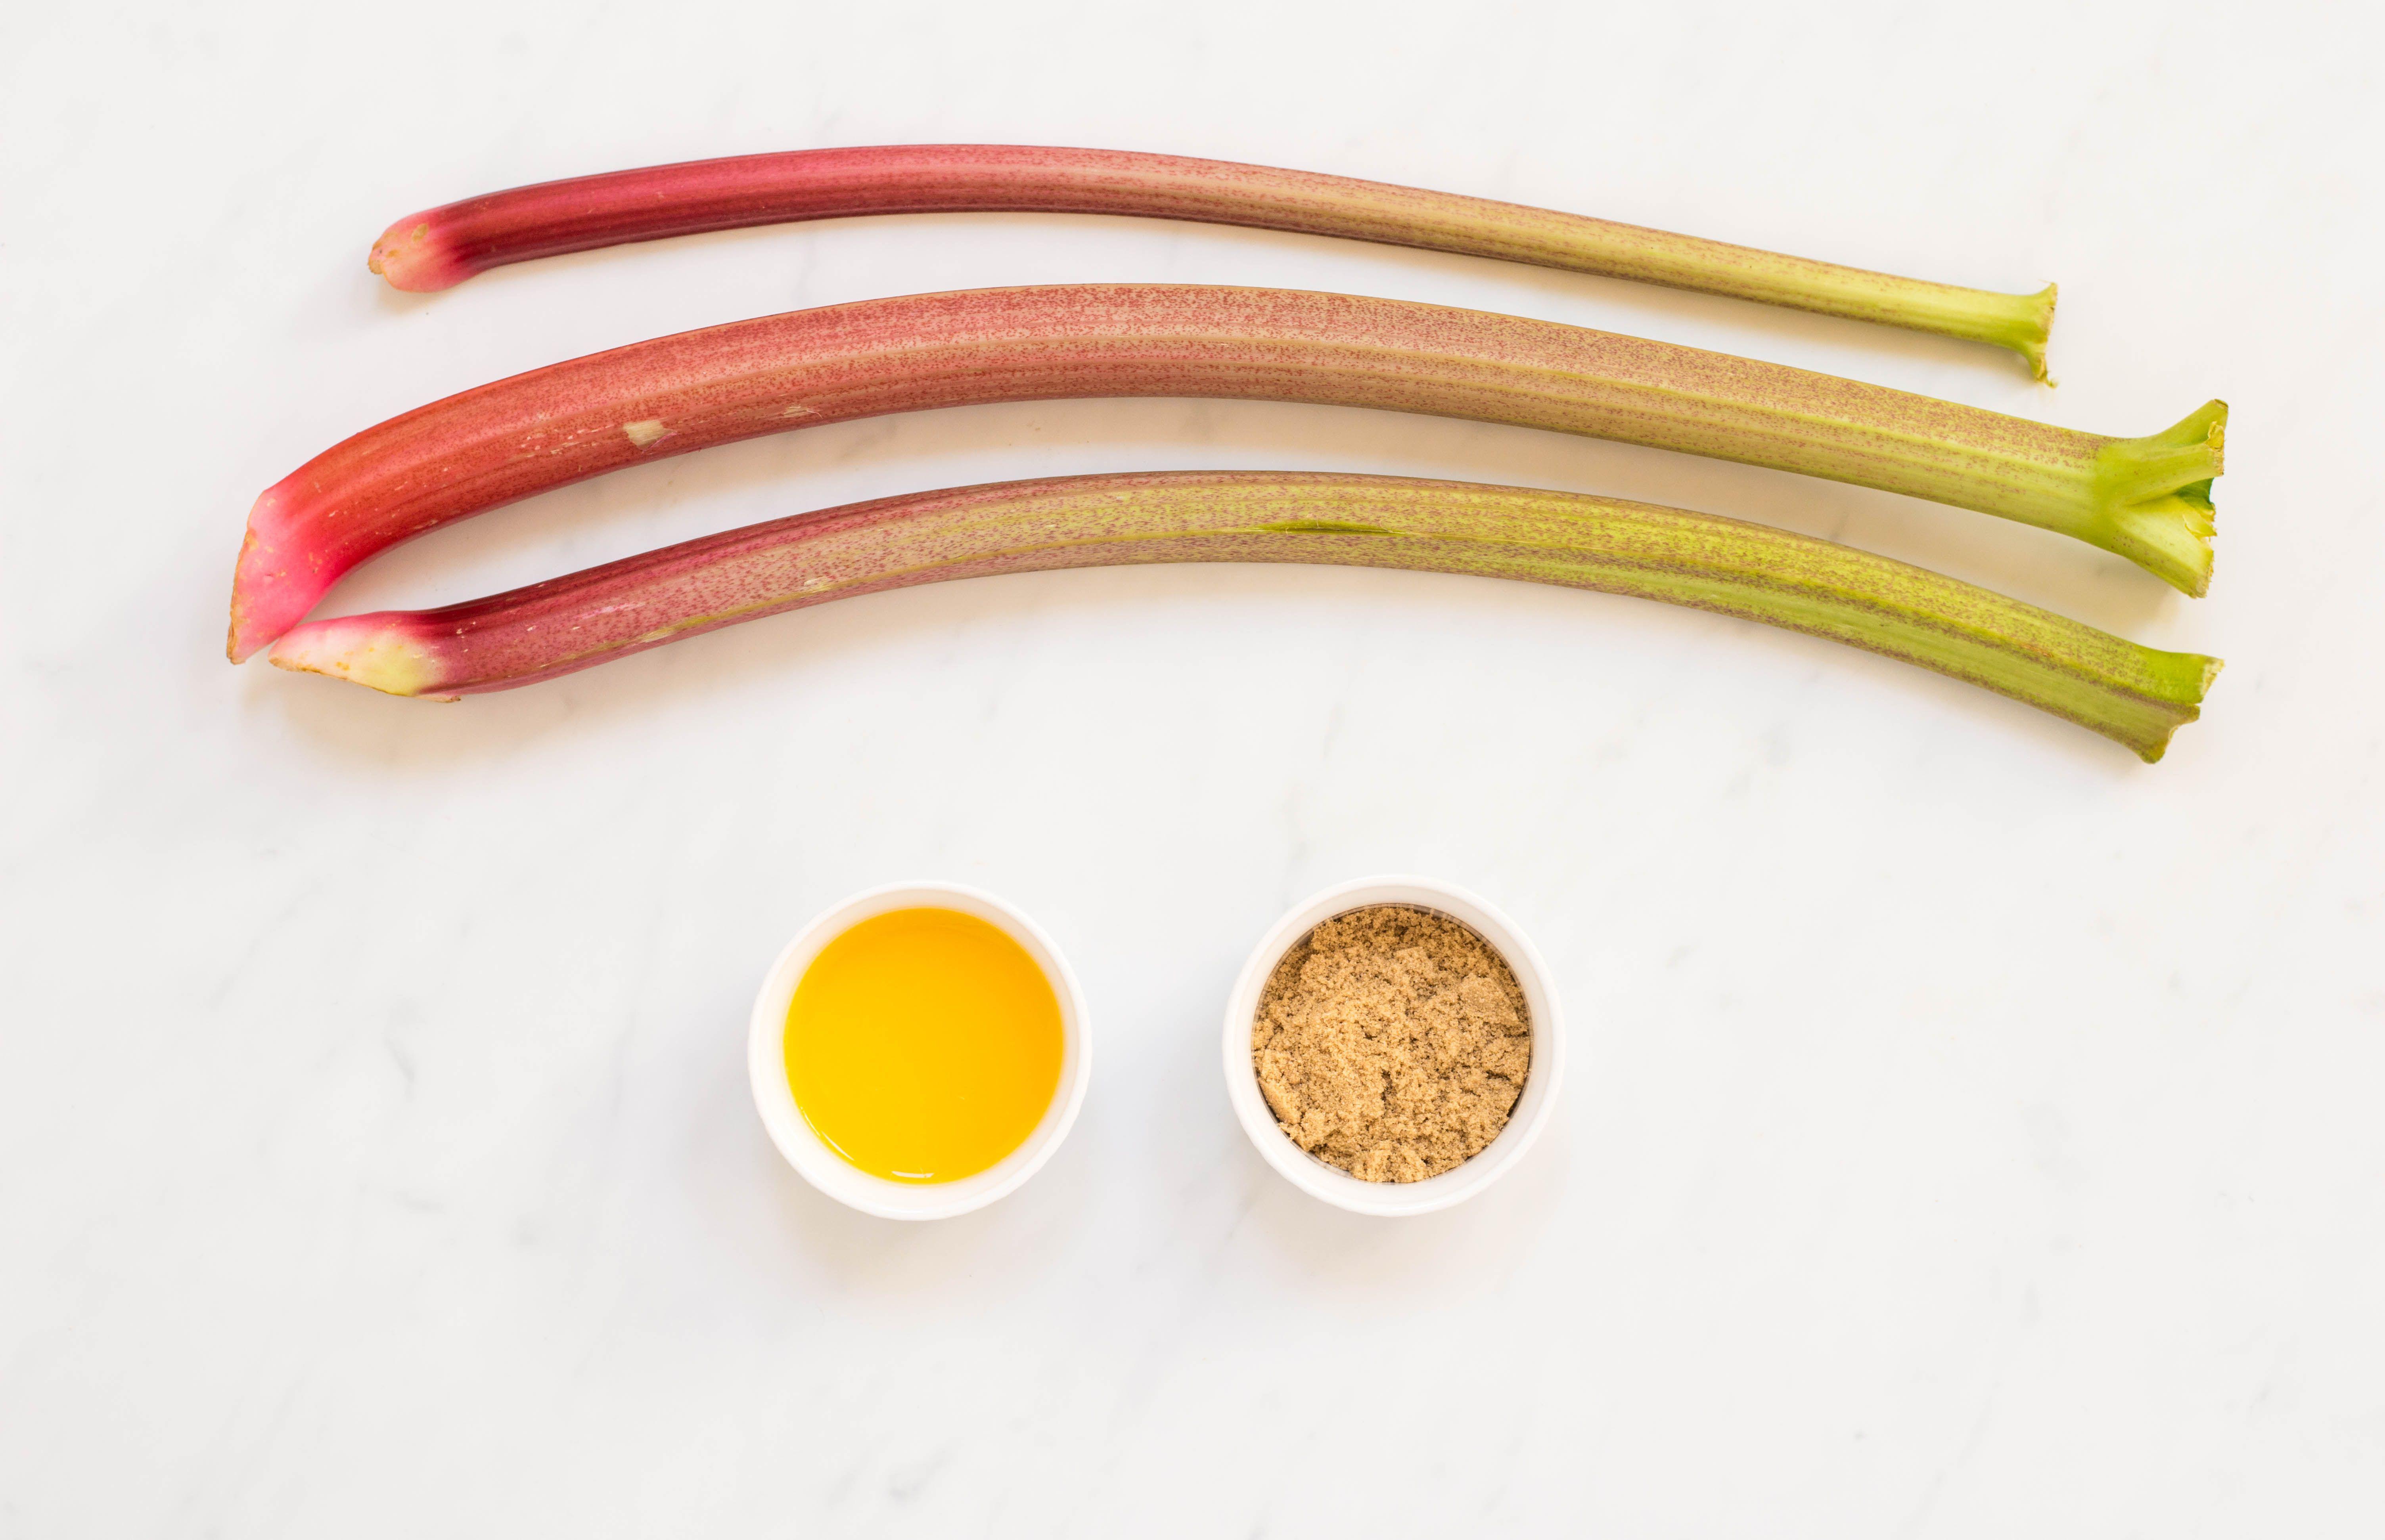 Ingredients for roasted rhubarb